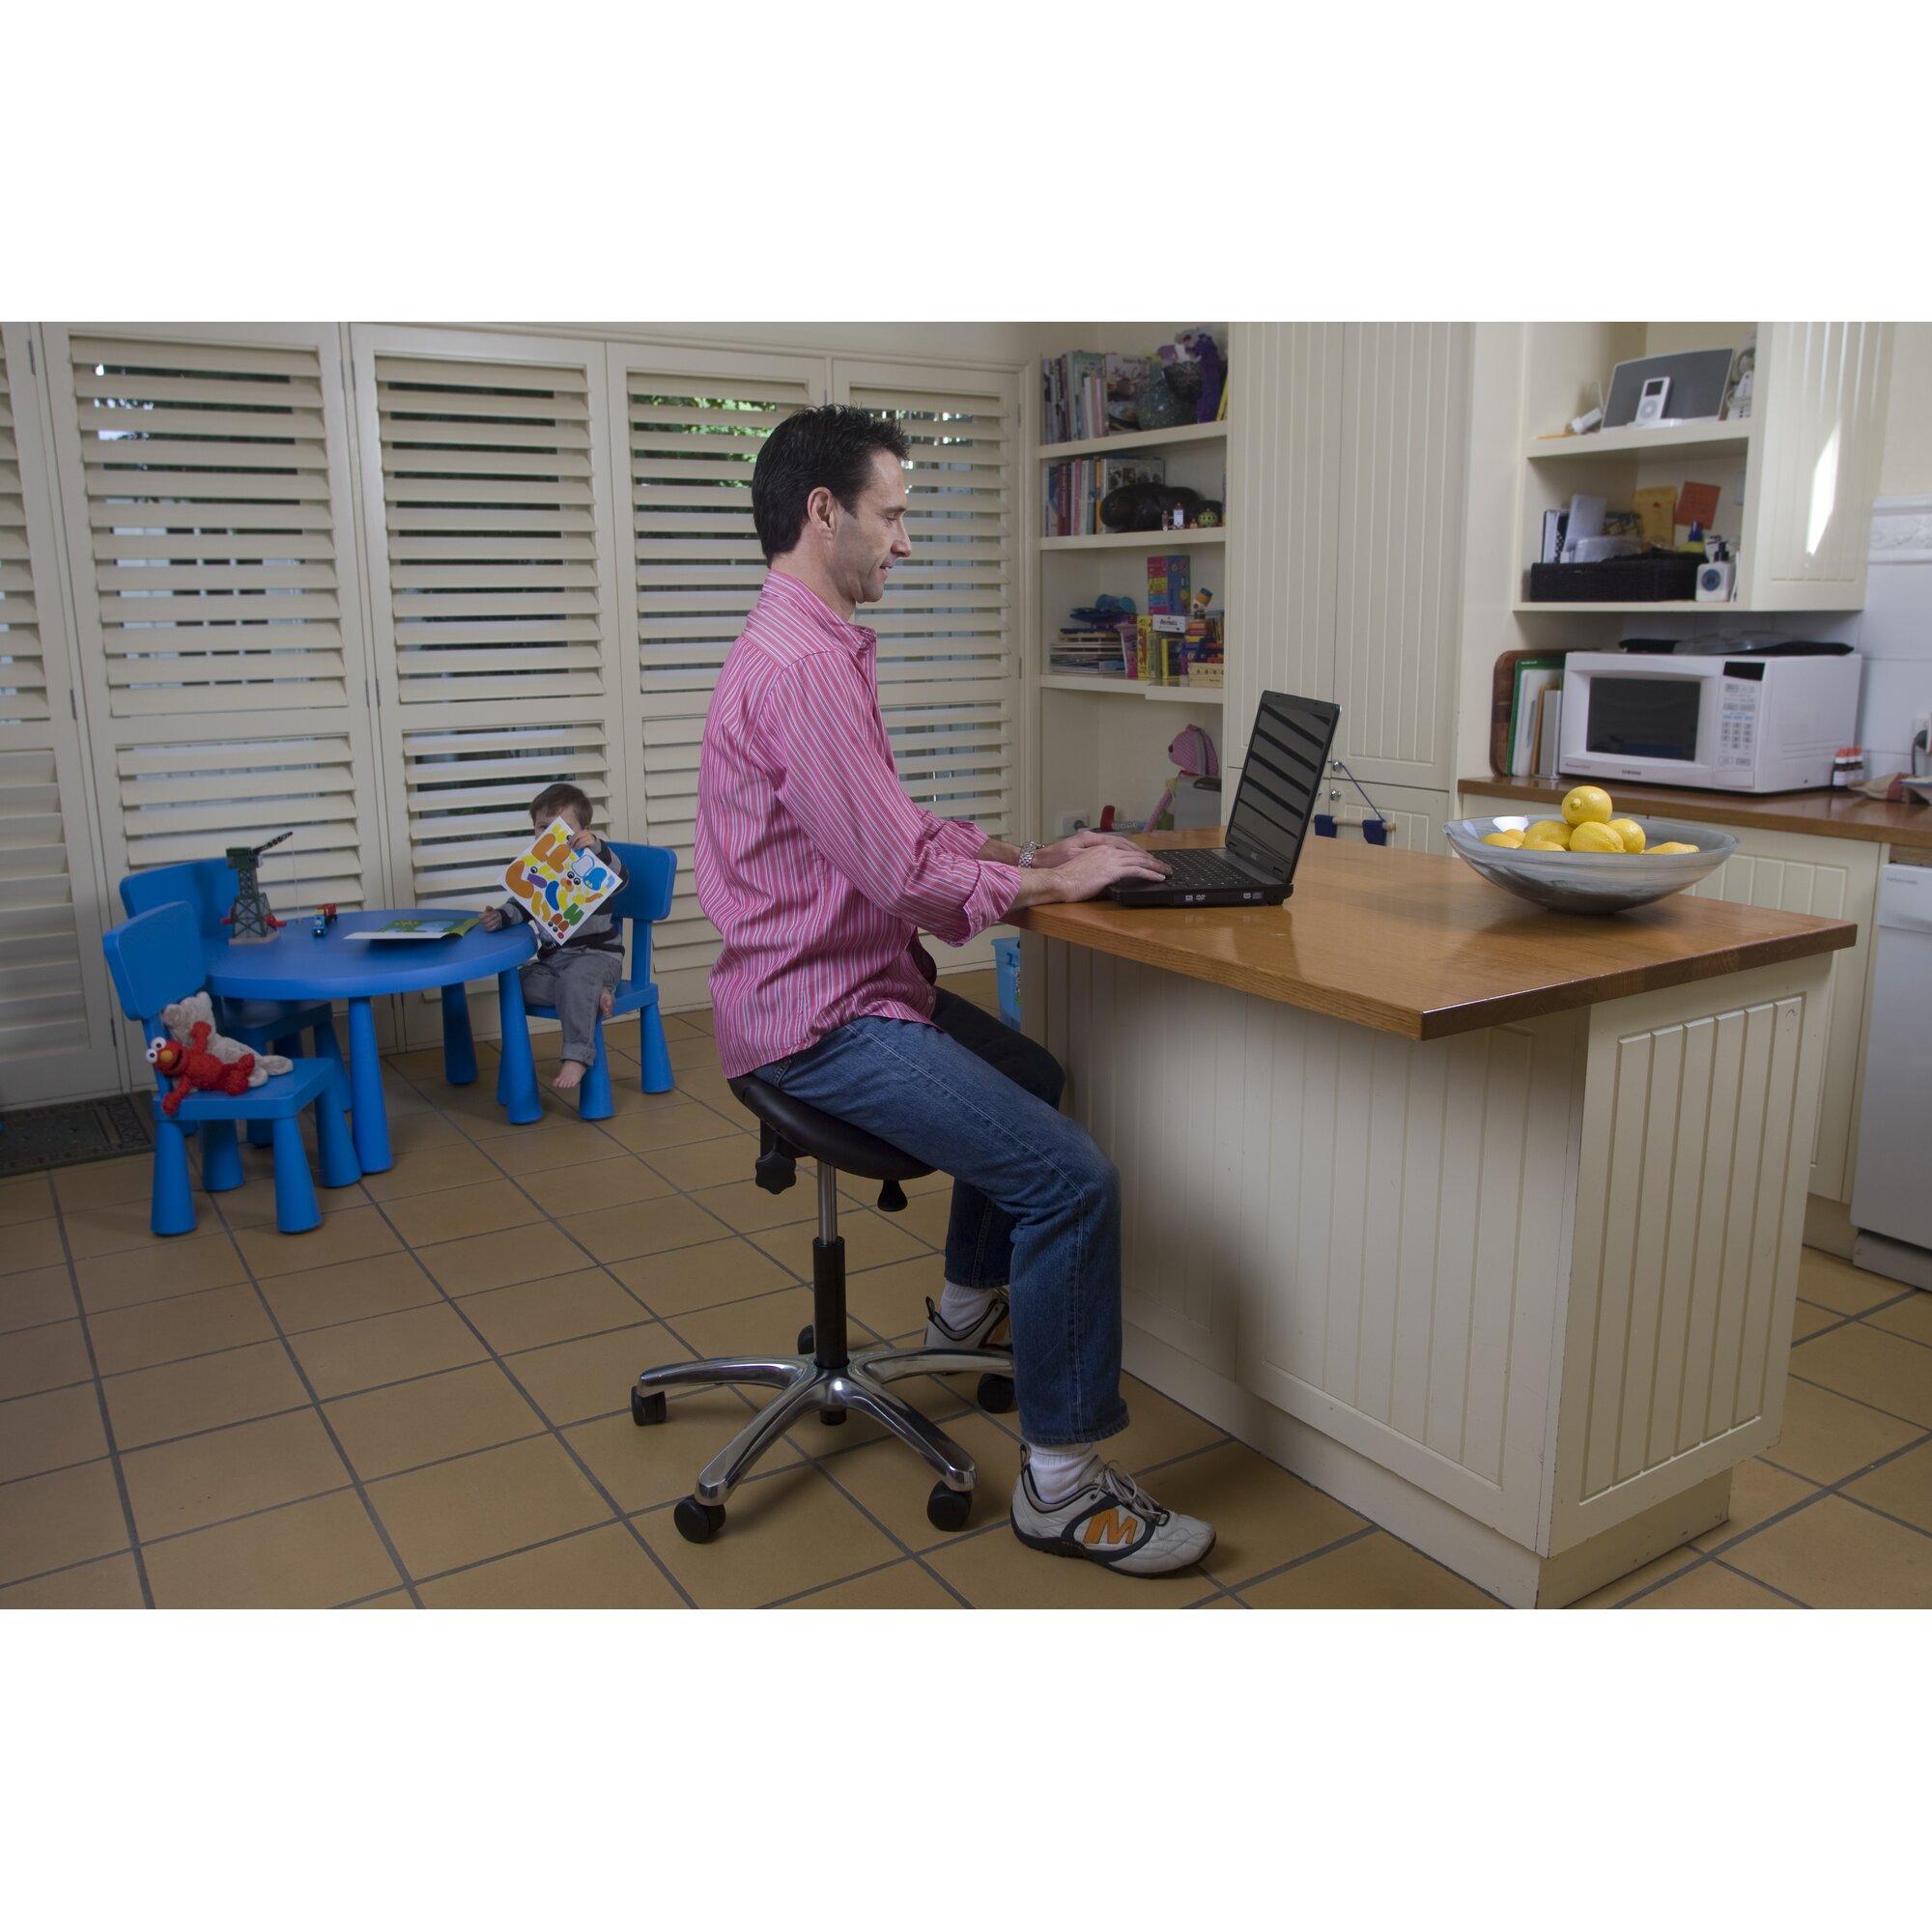 Jobri Saddle Ergonomic Stool  Reviews  Wayfair